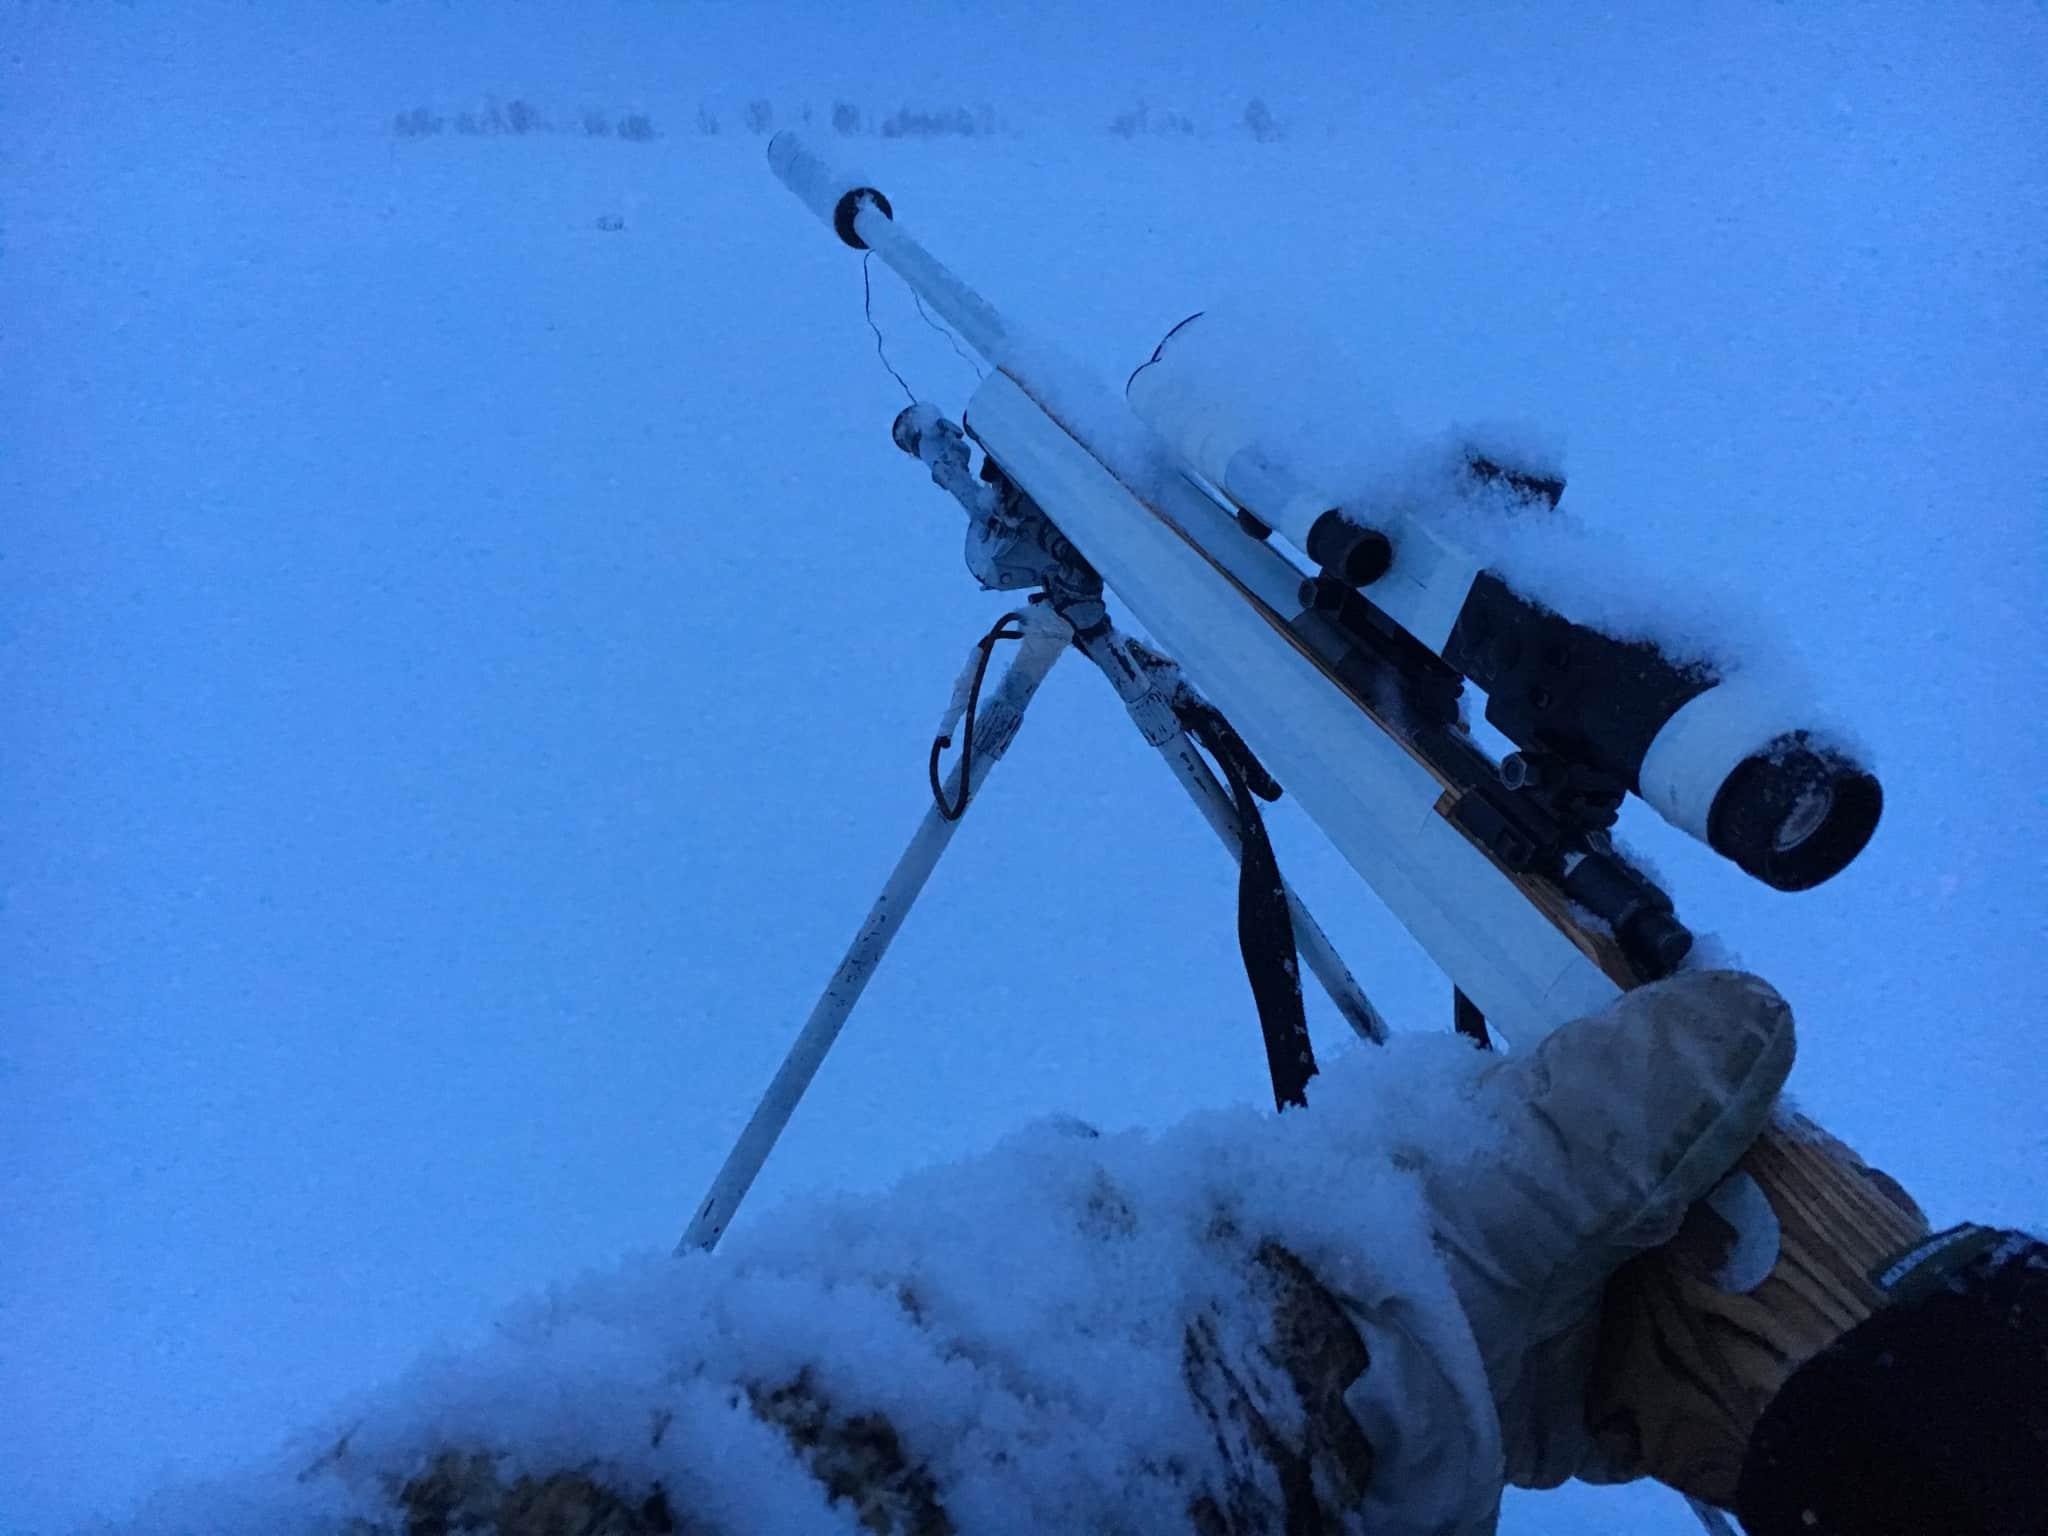 Hittar man ett färskt spår när snön vräker ner är räven inte långt borta. Då kan det löna sig att följa spåret till första bästa lämpliga pass och locka direkt. Foto: Ulf Lindroth